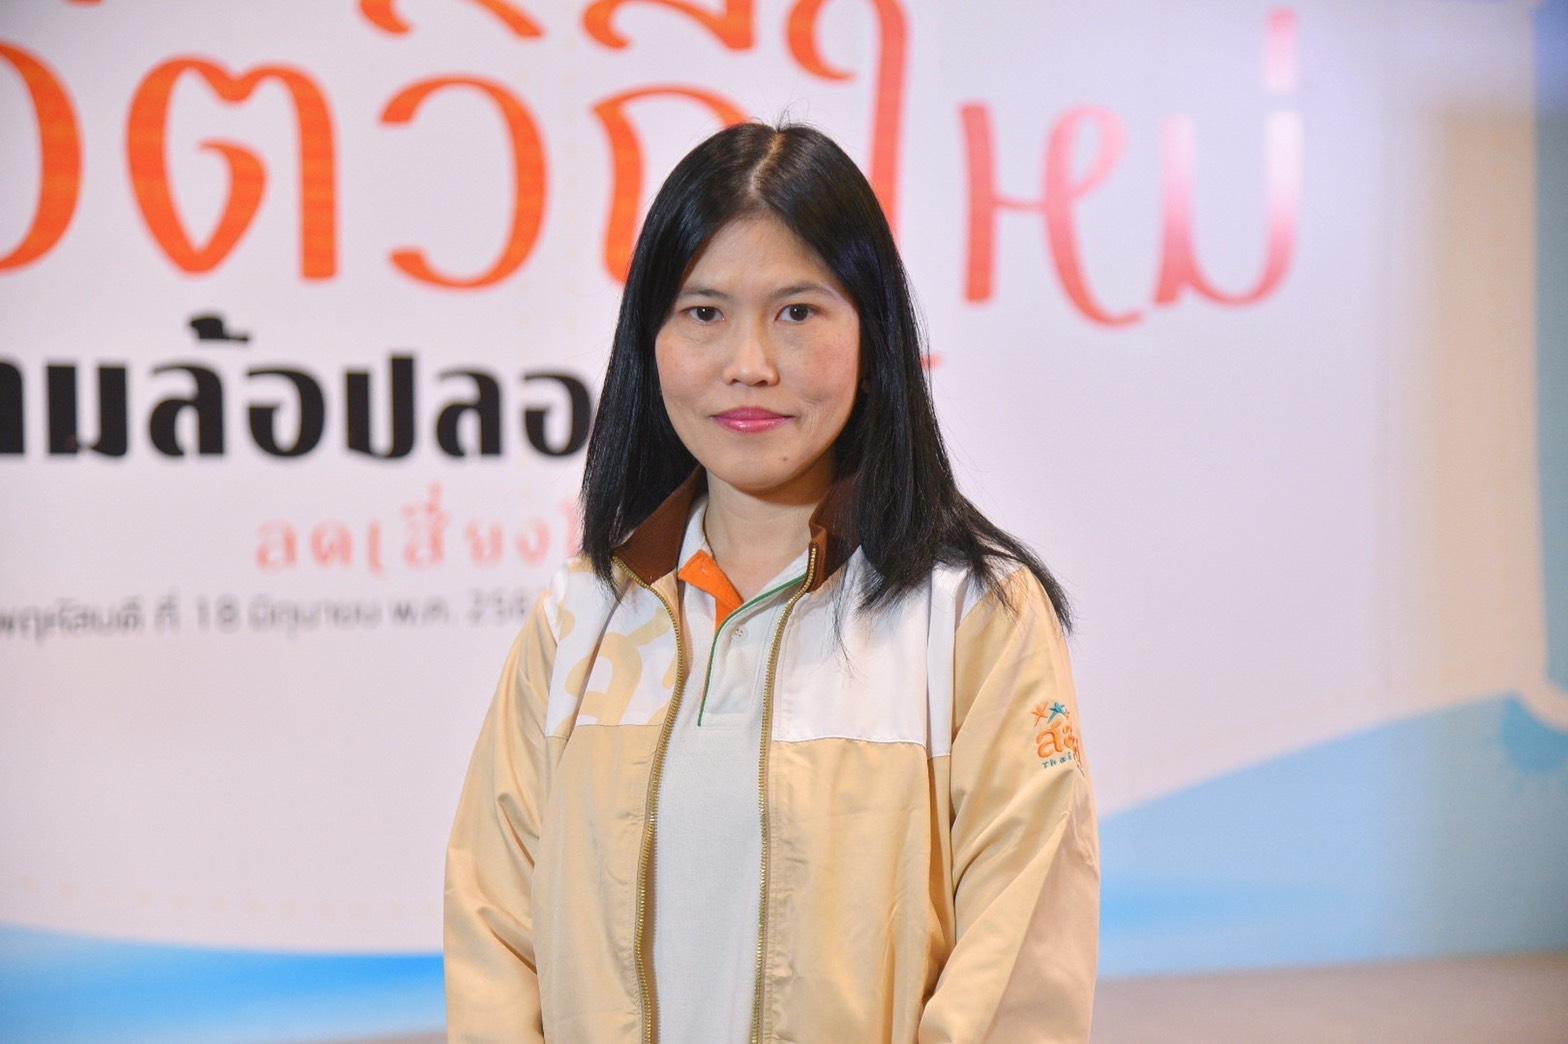 สามล้อไทย ปรับตัวสู่ชีวิตวิถีใหม่  thaihealth